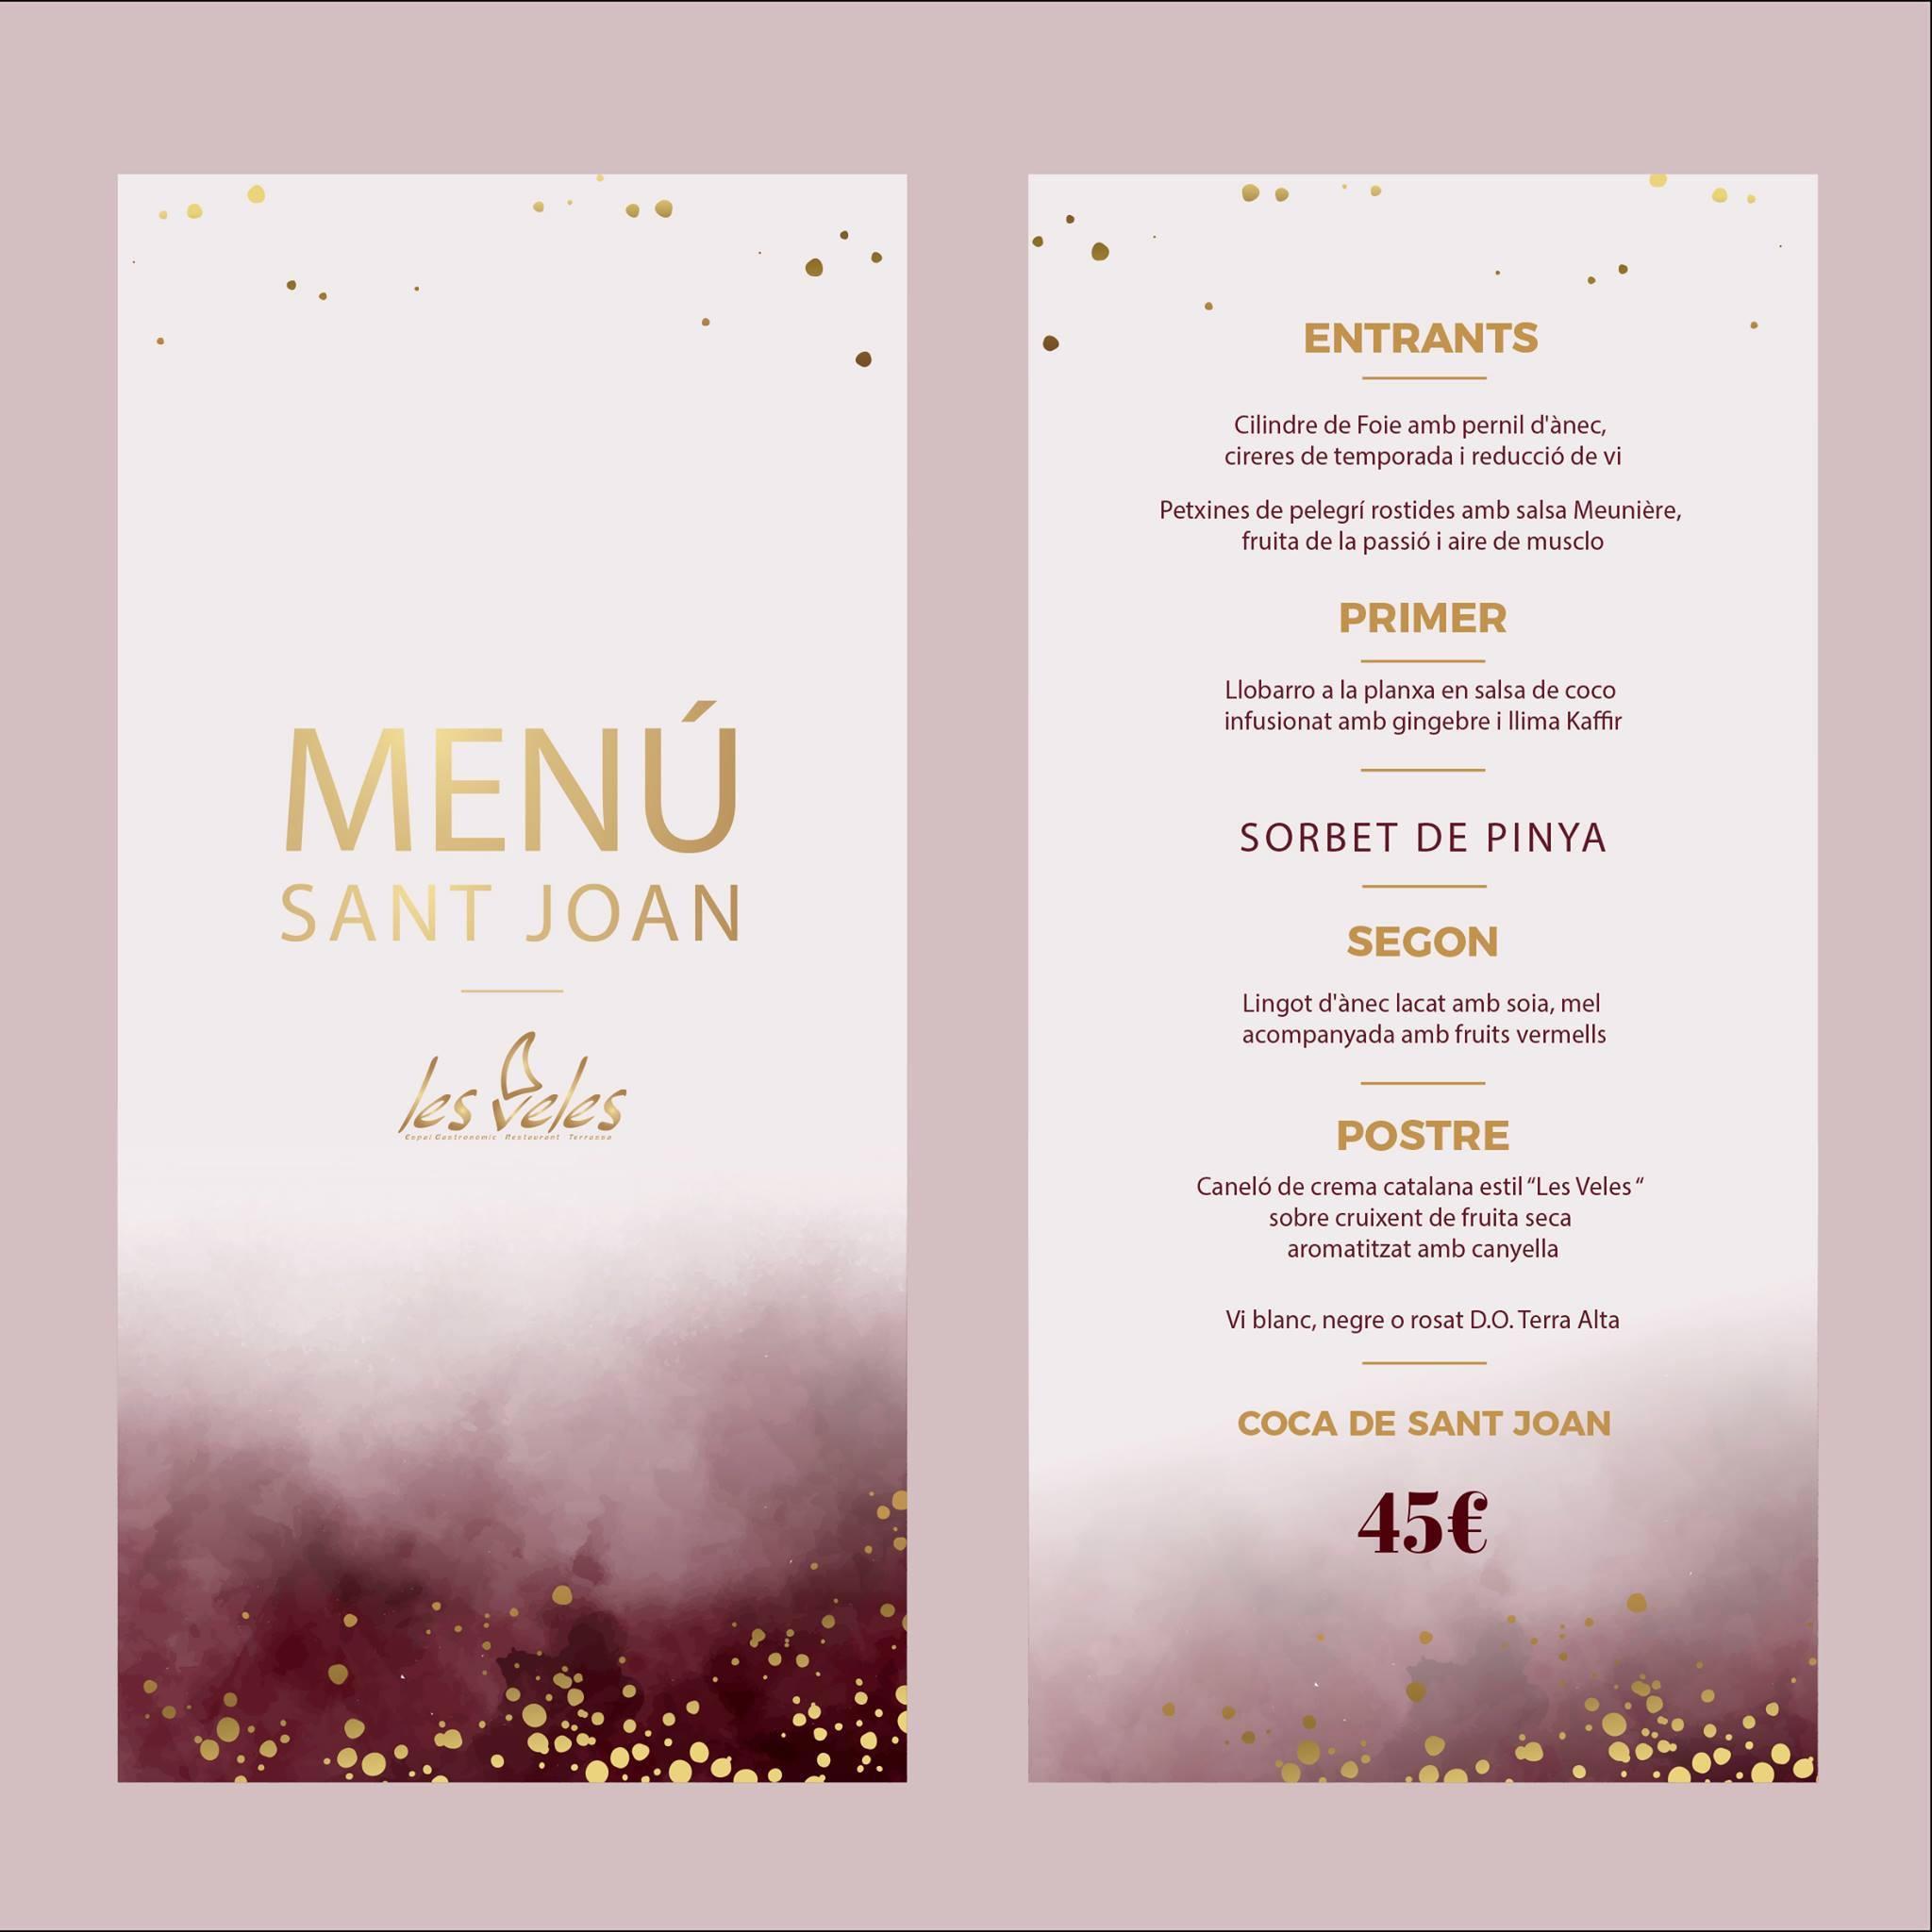 menu san juan Les Veles